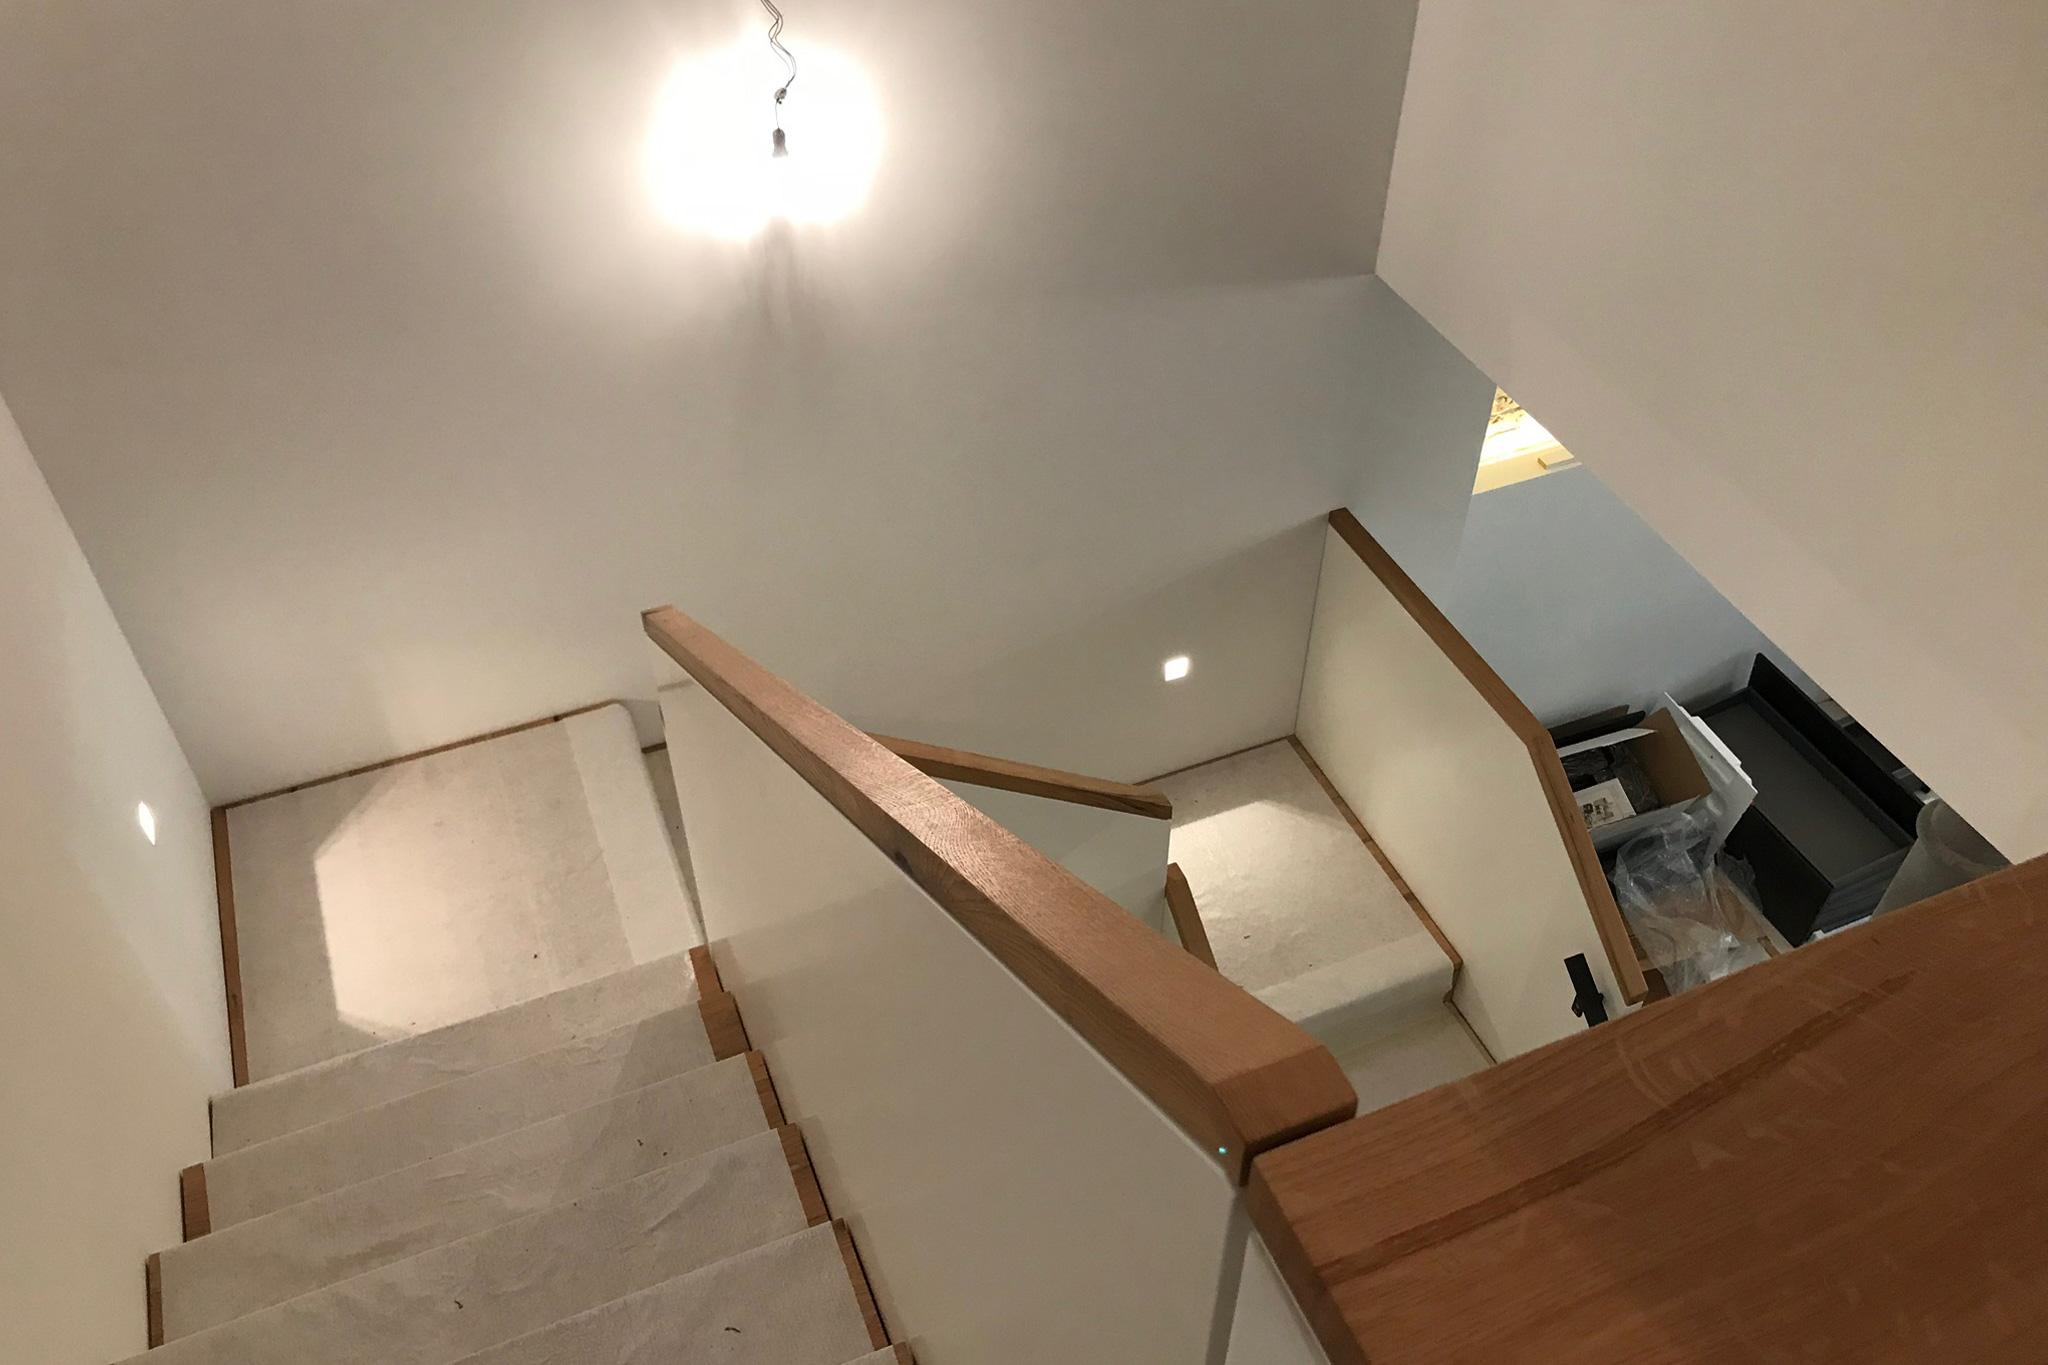 Sarger Architekten: Umbau und Sanierung von zwei bestehenden Nutzungseinheiten in München. Zusammenlegung / Nutzungsänderung Erdgeschoss von Gewerbe zu Wohnen